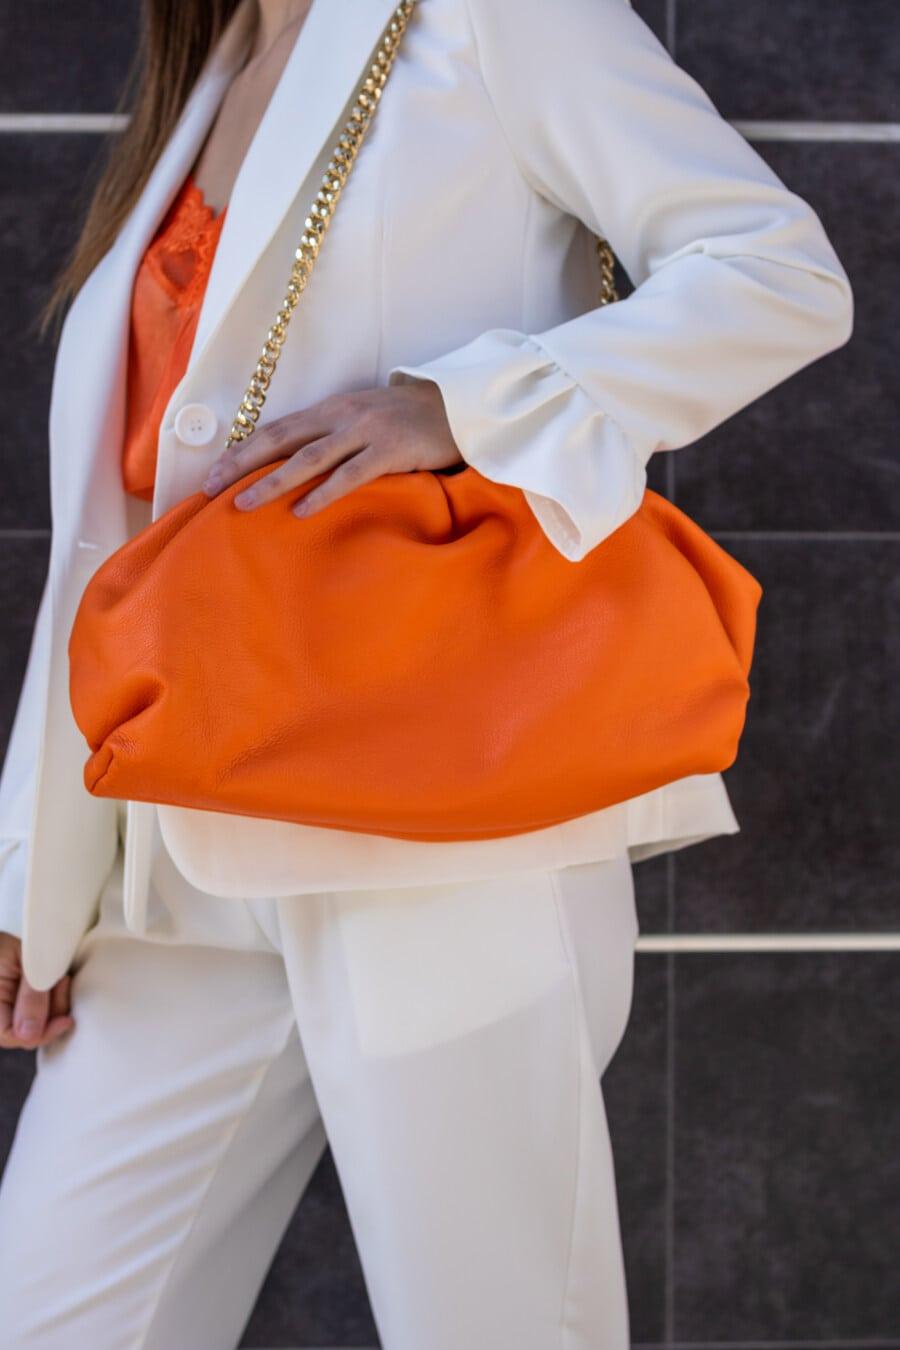 елегантност, бизнесмен, фантазия, инвентар, бяло, бизнес дама, чанта, оранжево жълт, мода, лукс